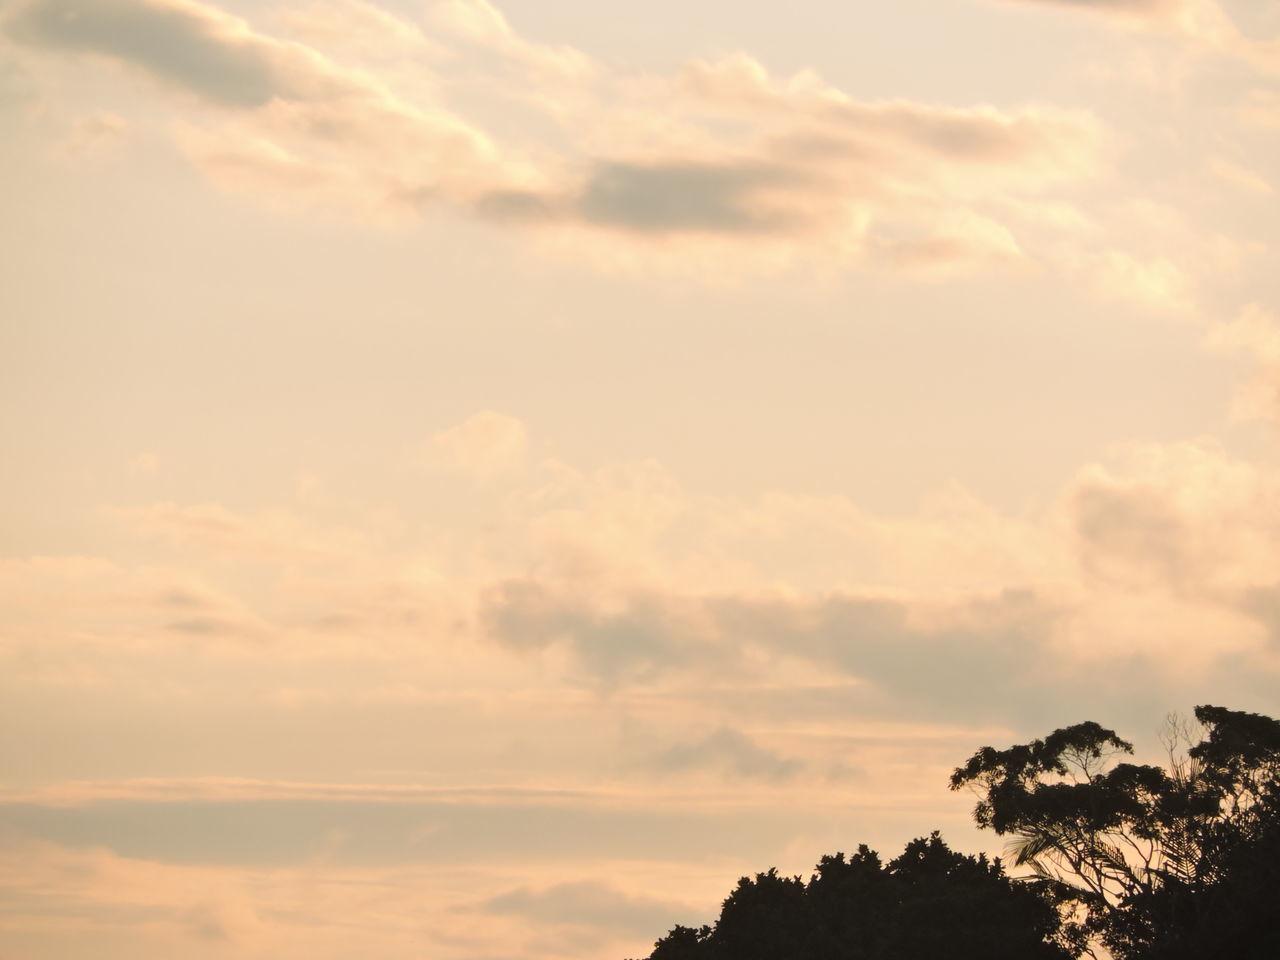 Tarde  Por Do Sol Pordosollindo Ceu Liindo! Ceumaravilhoso Ceudeoutono Por Do Sol ⛅ Pordosol CeuPerfeito Ceularanja